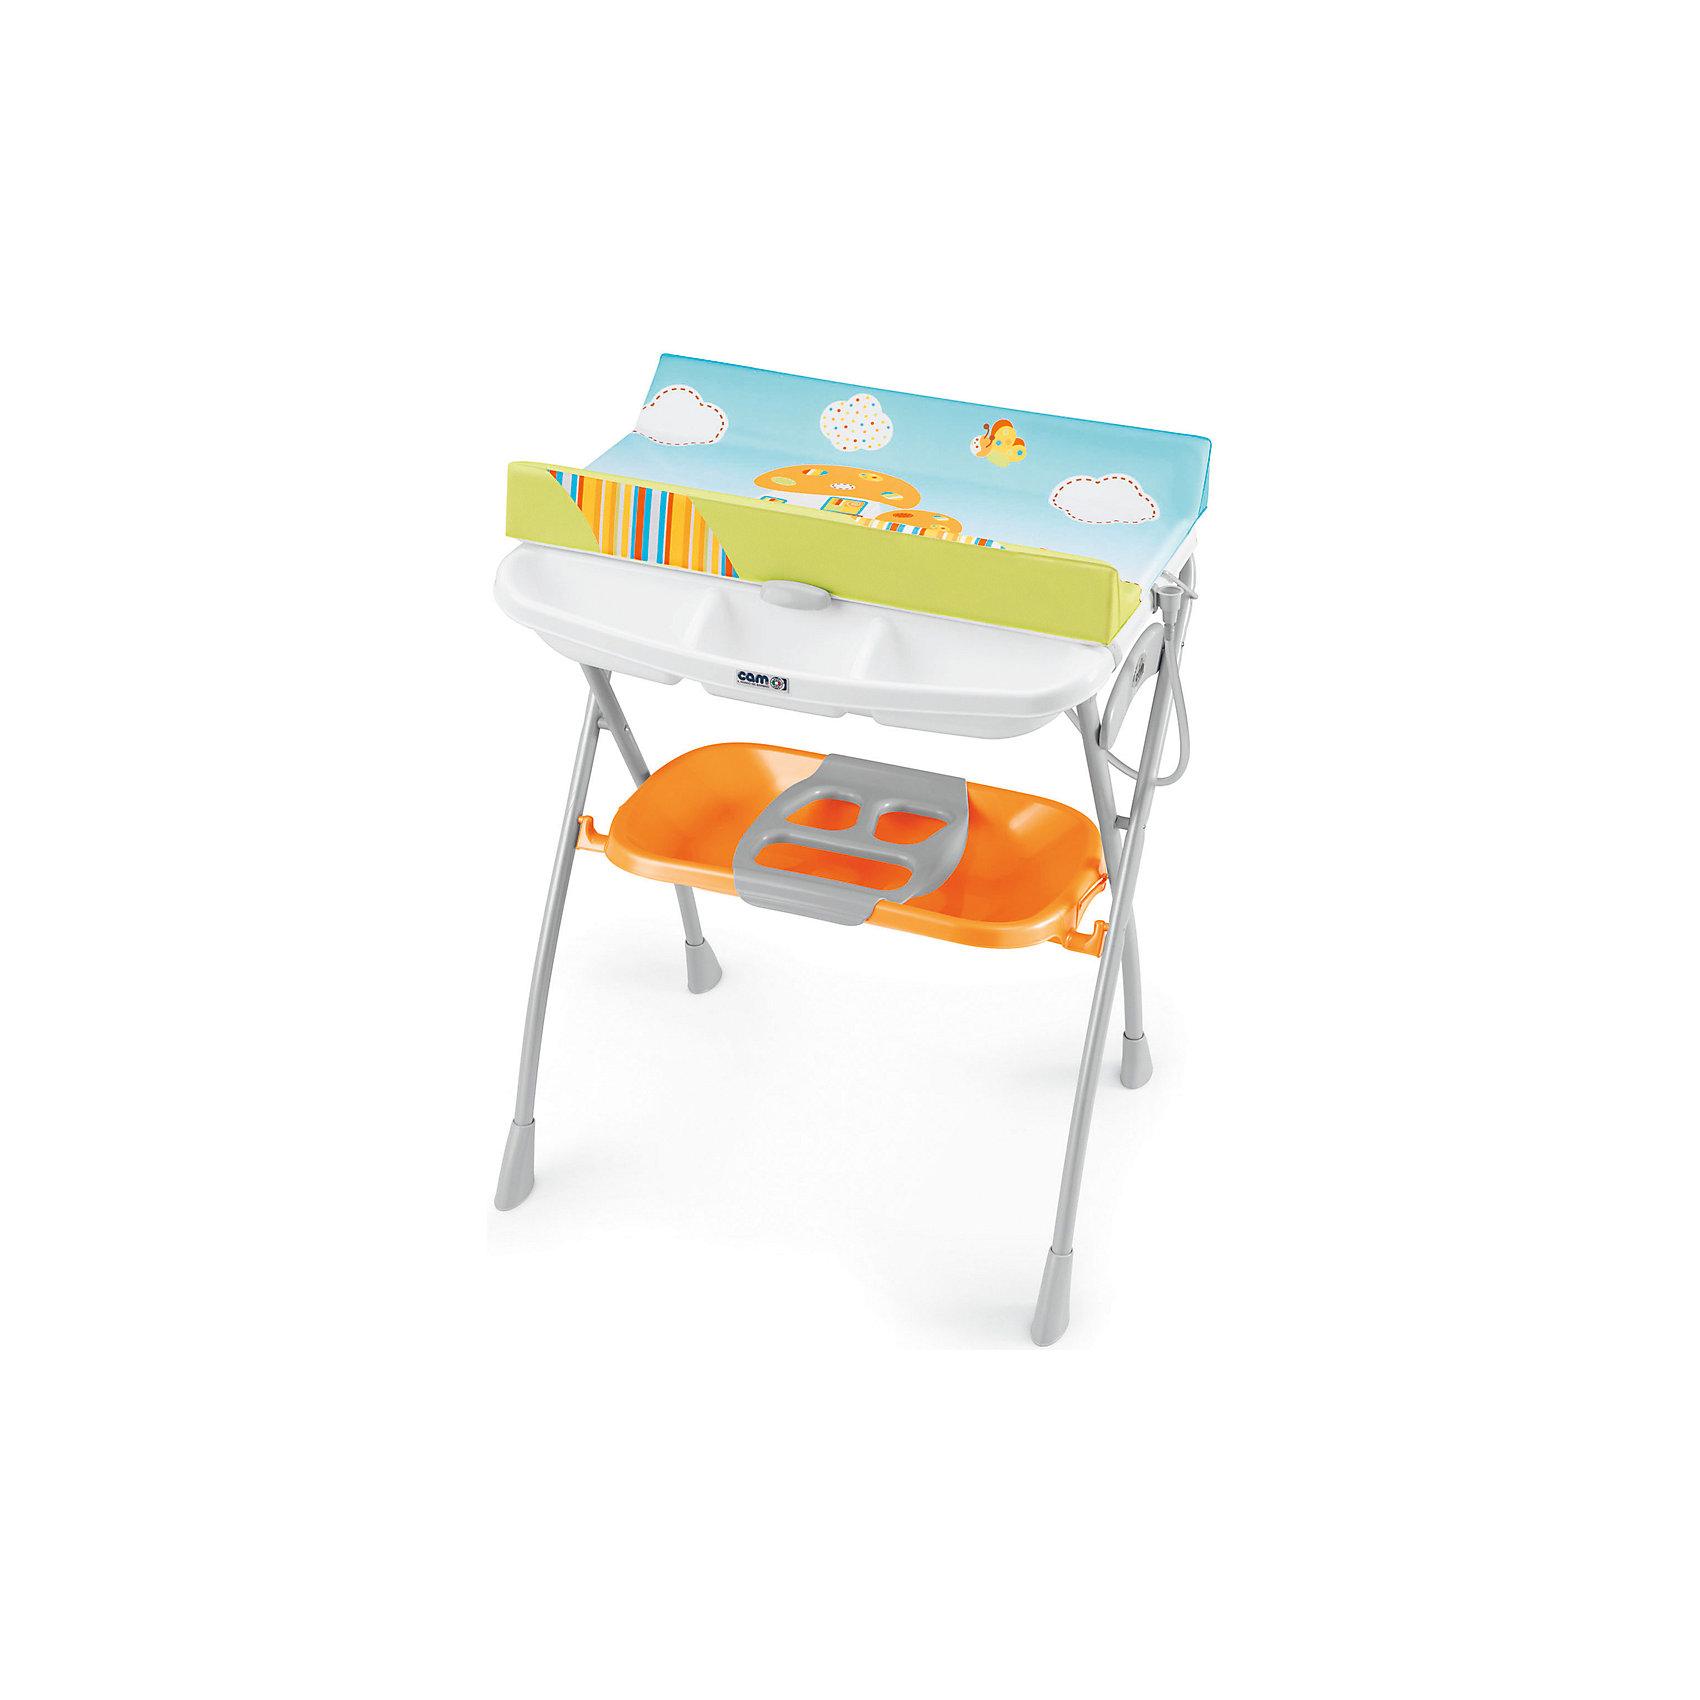 Пеленальный столик с ванночкой Volare Грибок, CAM,  оранжевый